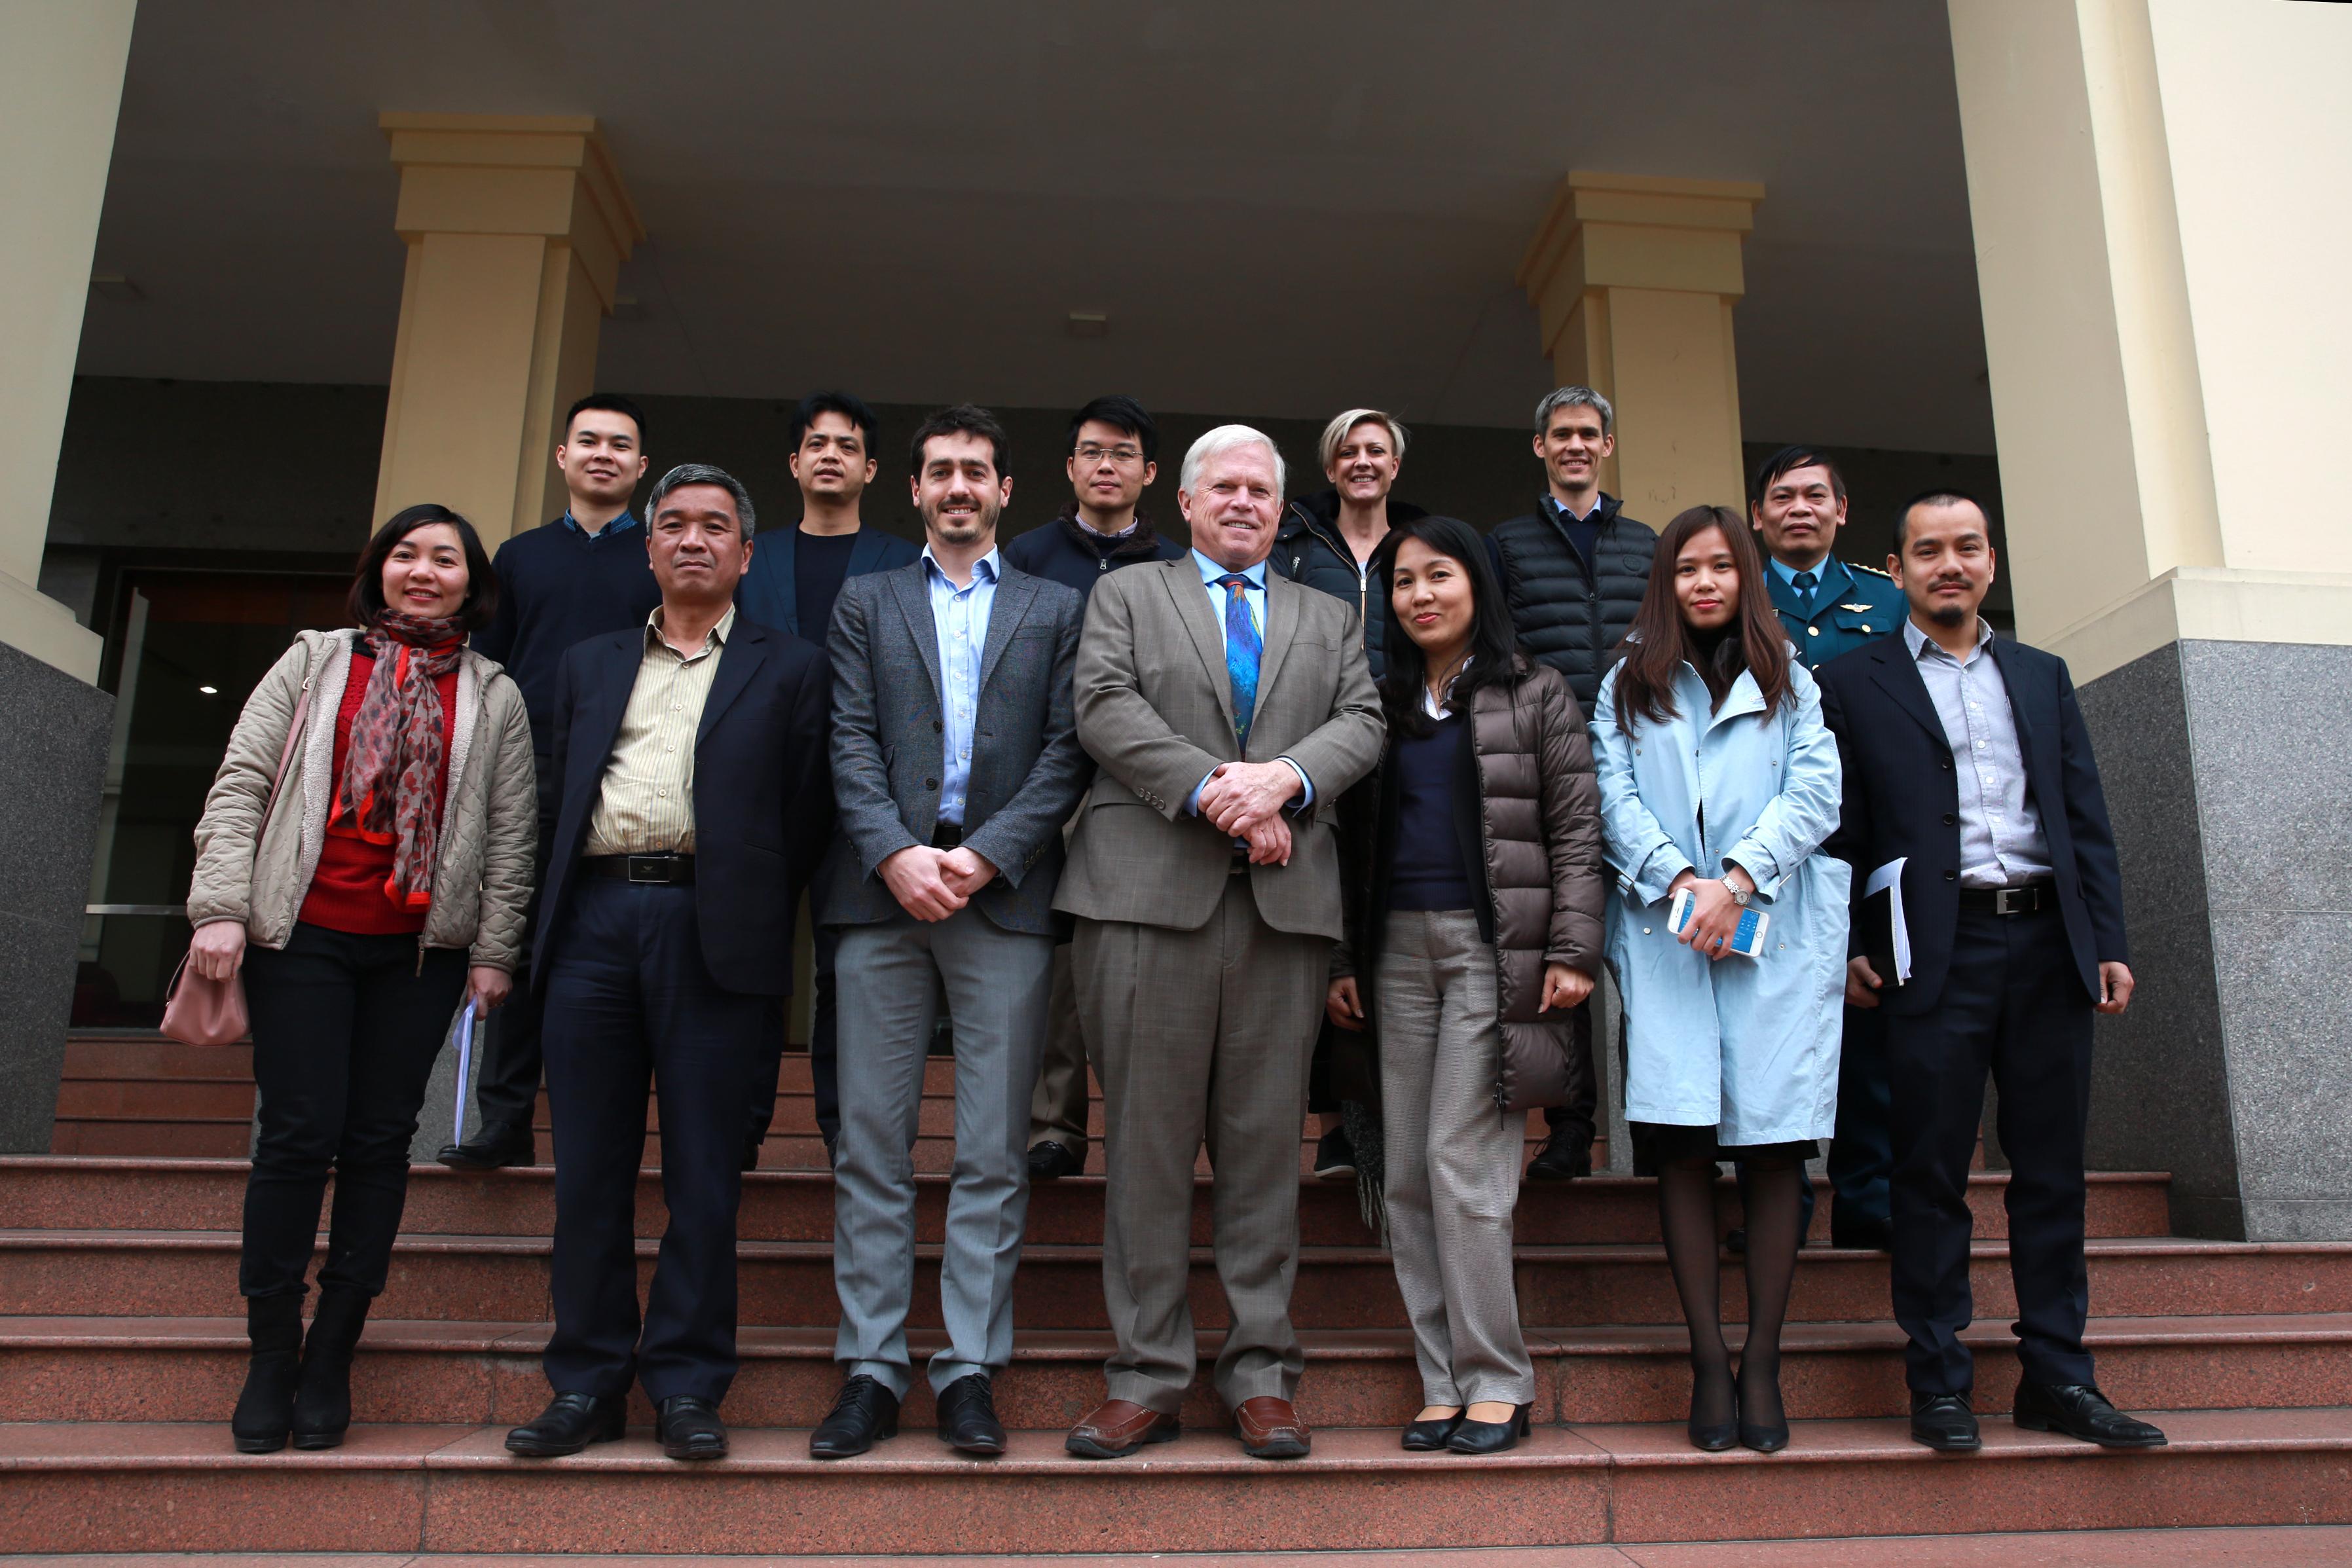 Chương trình Hợp tác Quản lý không lưu tại Việt Nam với Công ty NAVBLUE S.A.S/Airbus: Họp tiến độ  dự án khu vực sân bay Nội Bài